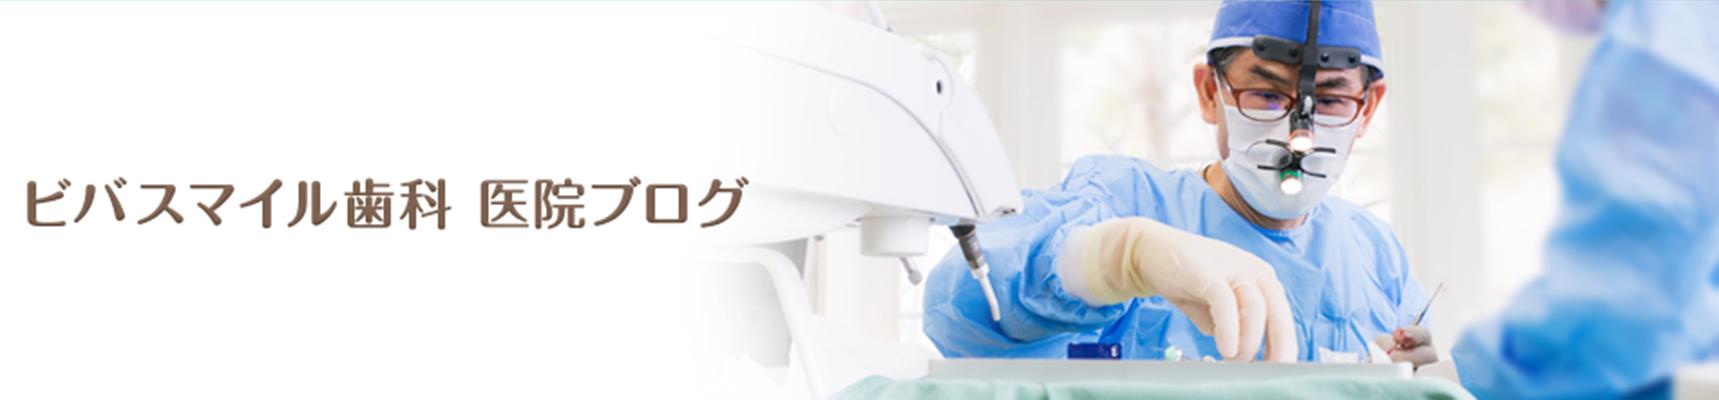 ビバ・スマイル歯科 医院ブログ